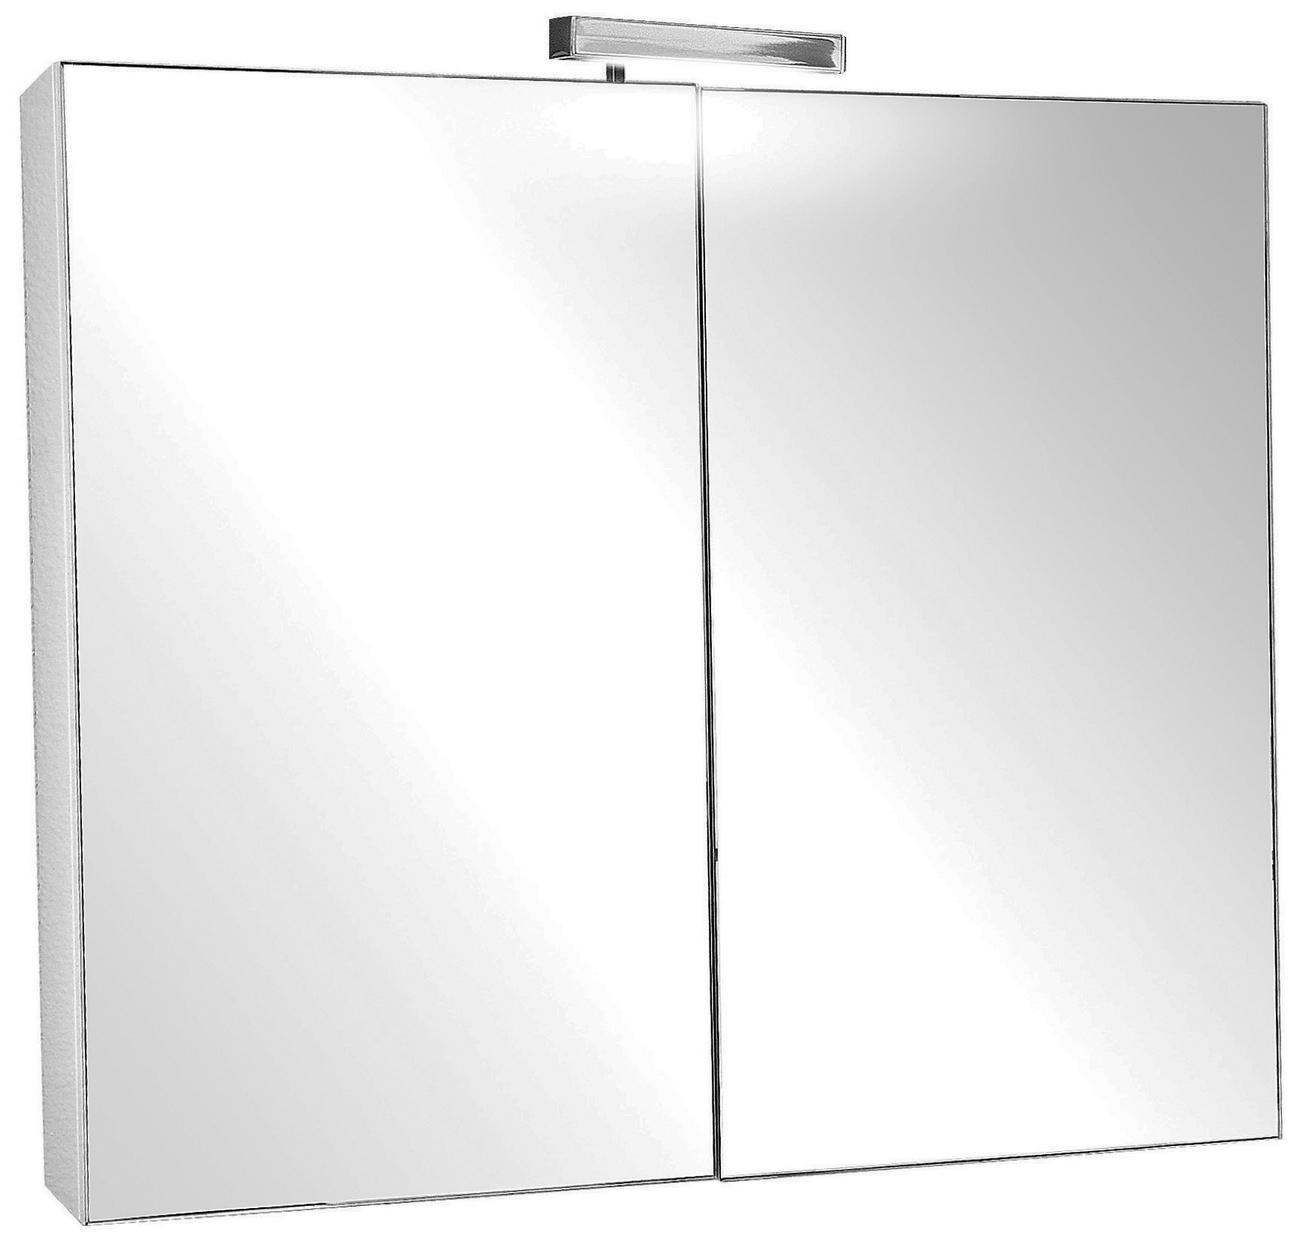 Зеркало-шкаф Jacob delafon Eb928-j5 presqu'ile раковины для ванной jacob delafon